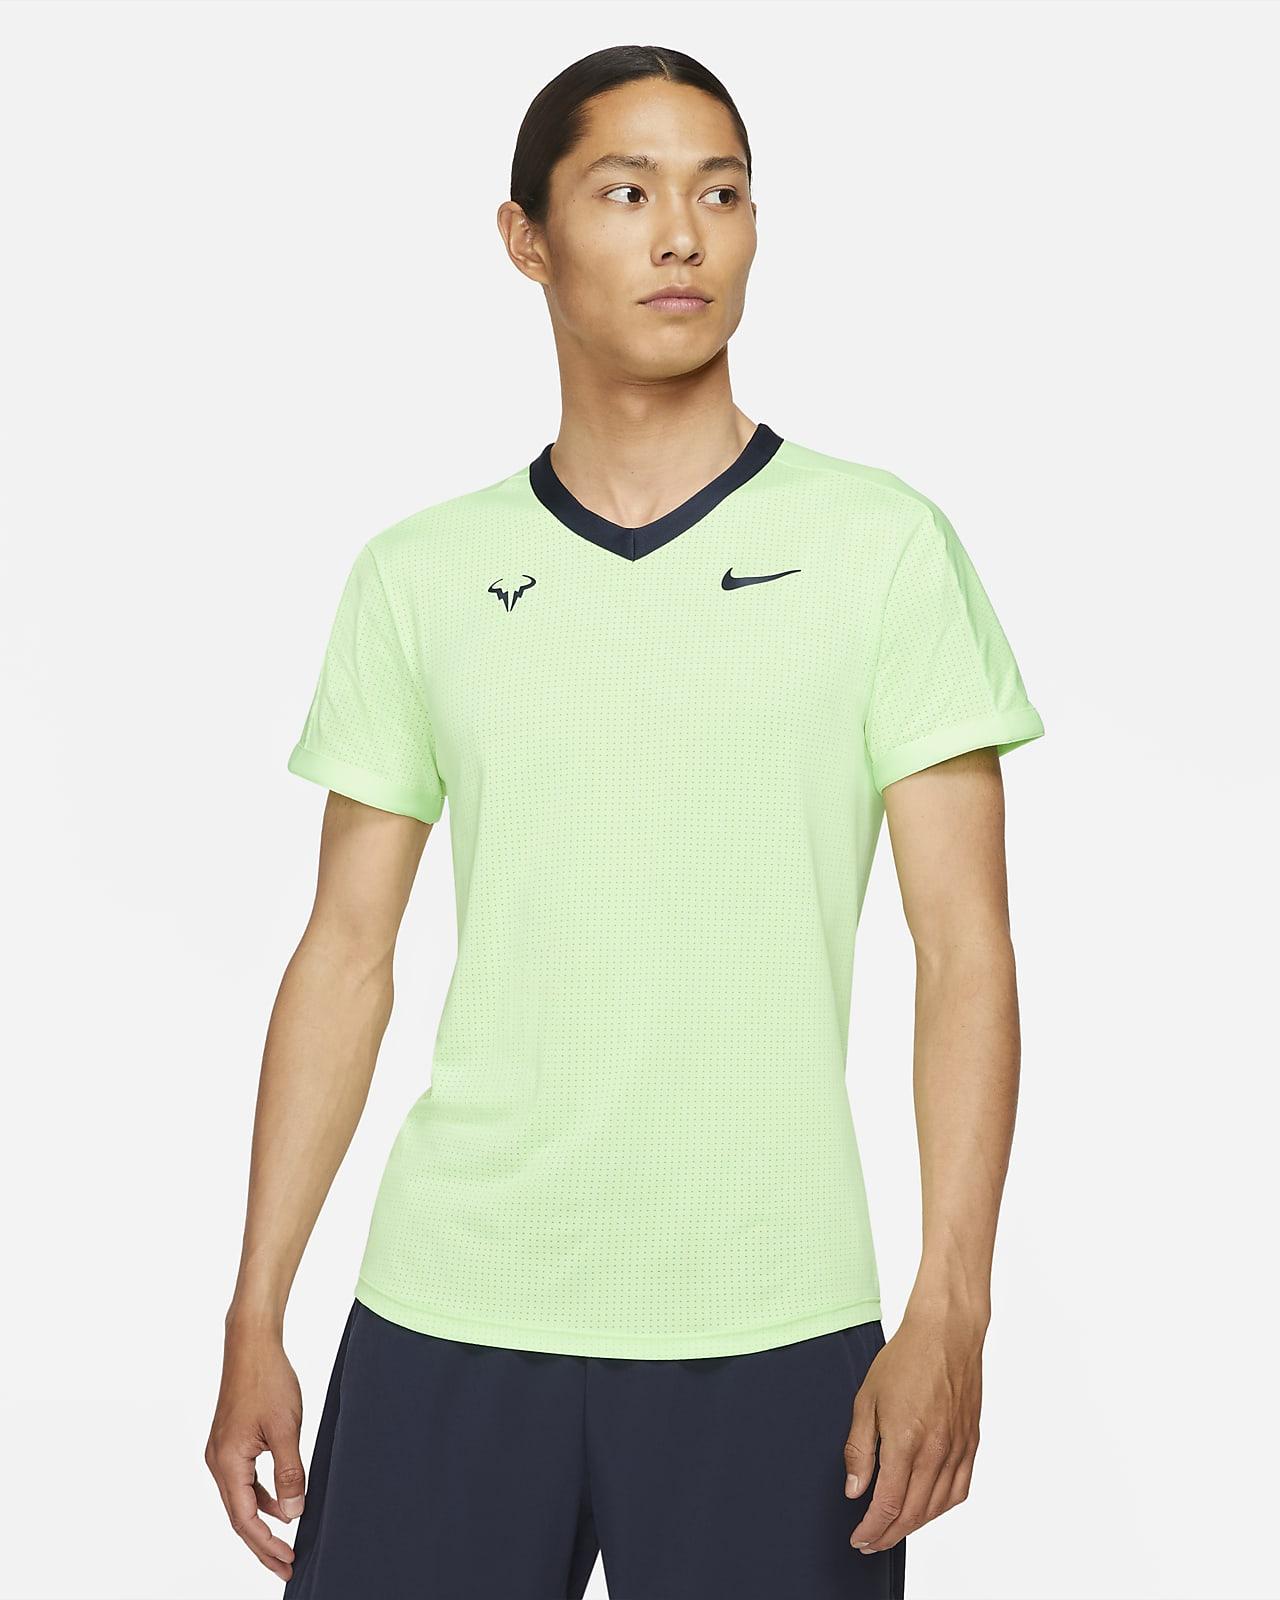 NikeCourt Dri-FIT ADV Rafa kortermet tennisoverdel til herre